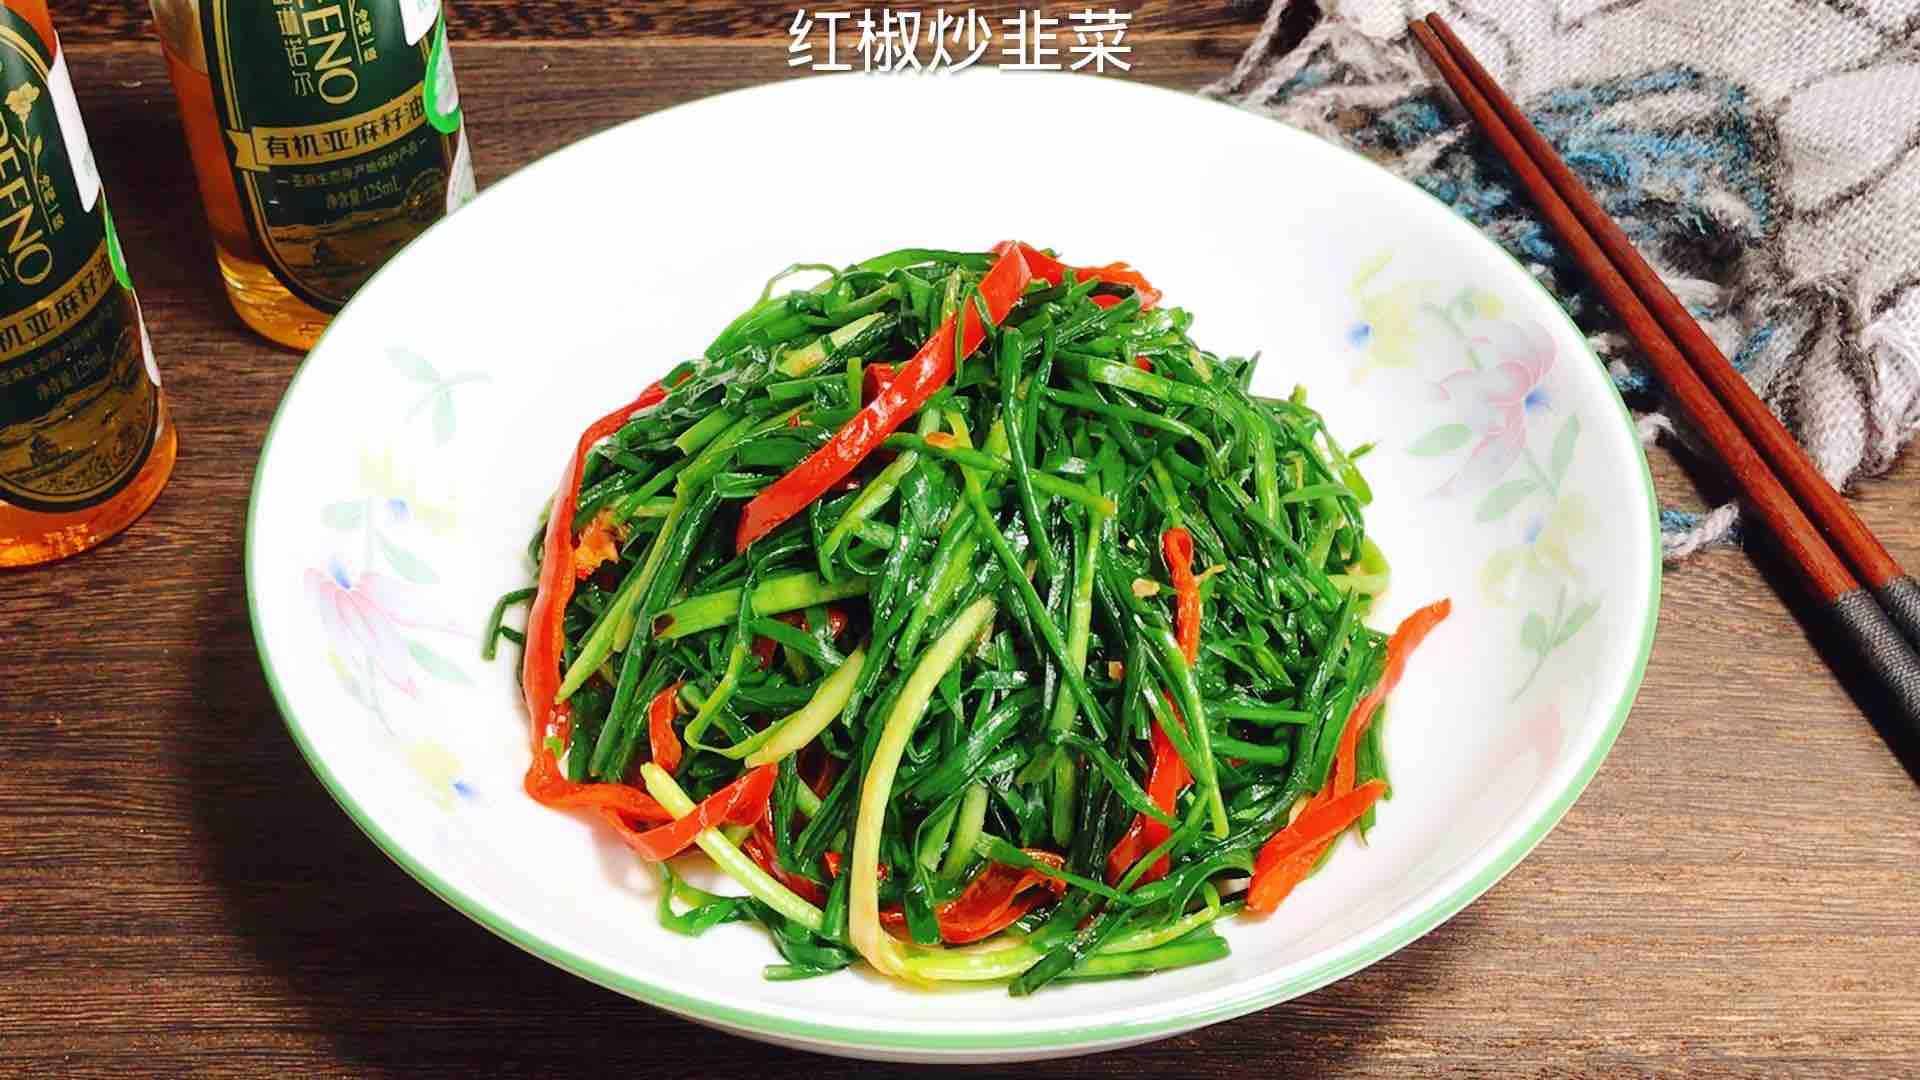 红椒炒韭菜的做法